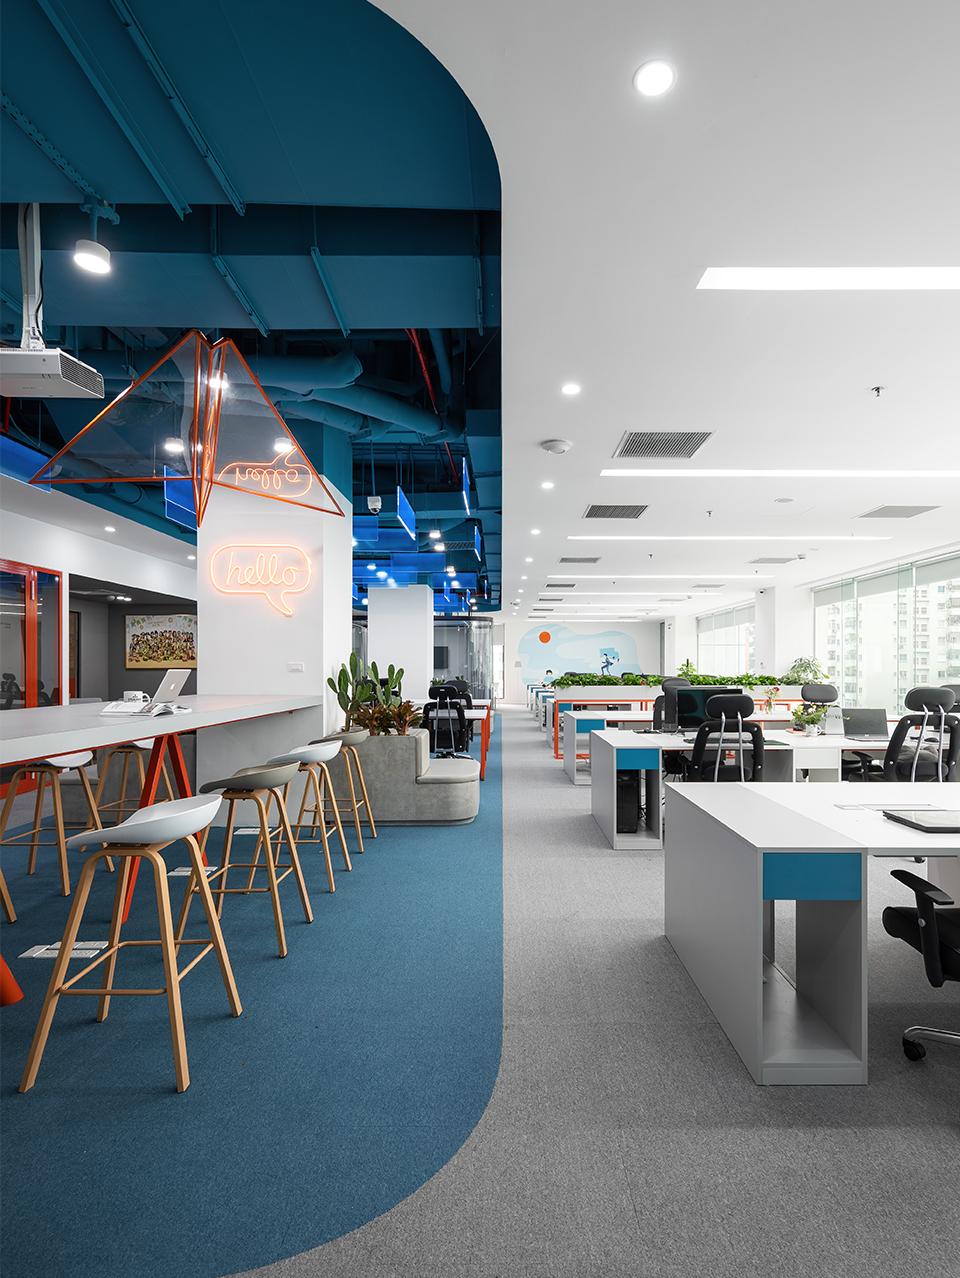 Khu vực làm việc của các nhân viên tại văn phòng công ty DLS với sự kết hợp tông màu xanh trắng tạo cảm giác mới mẻ, công nghệ